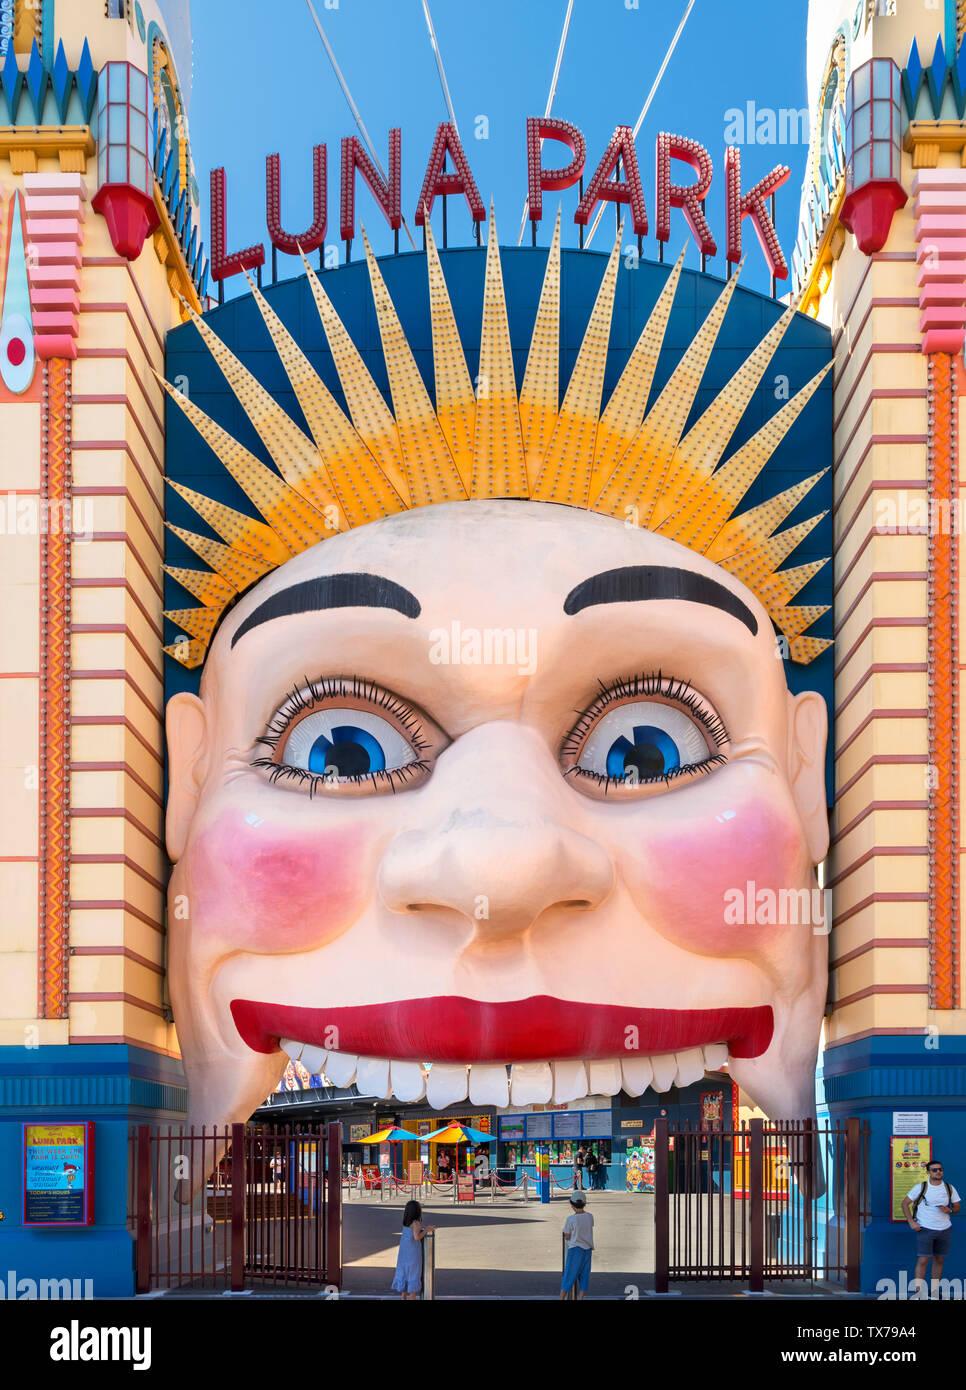 Entrada al parque de atracciones Luna Park, Milsons Point, Sydney, New South Wales, Australia Imagen De Stock